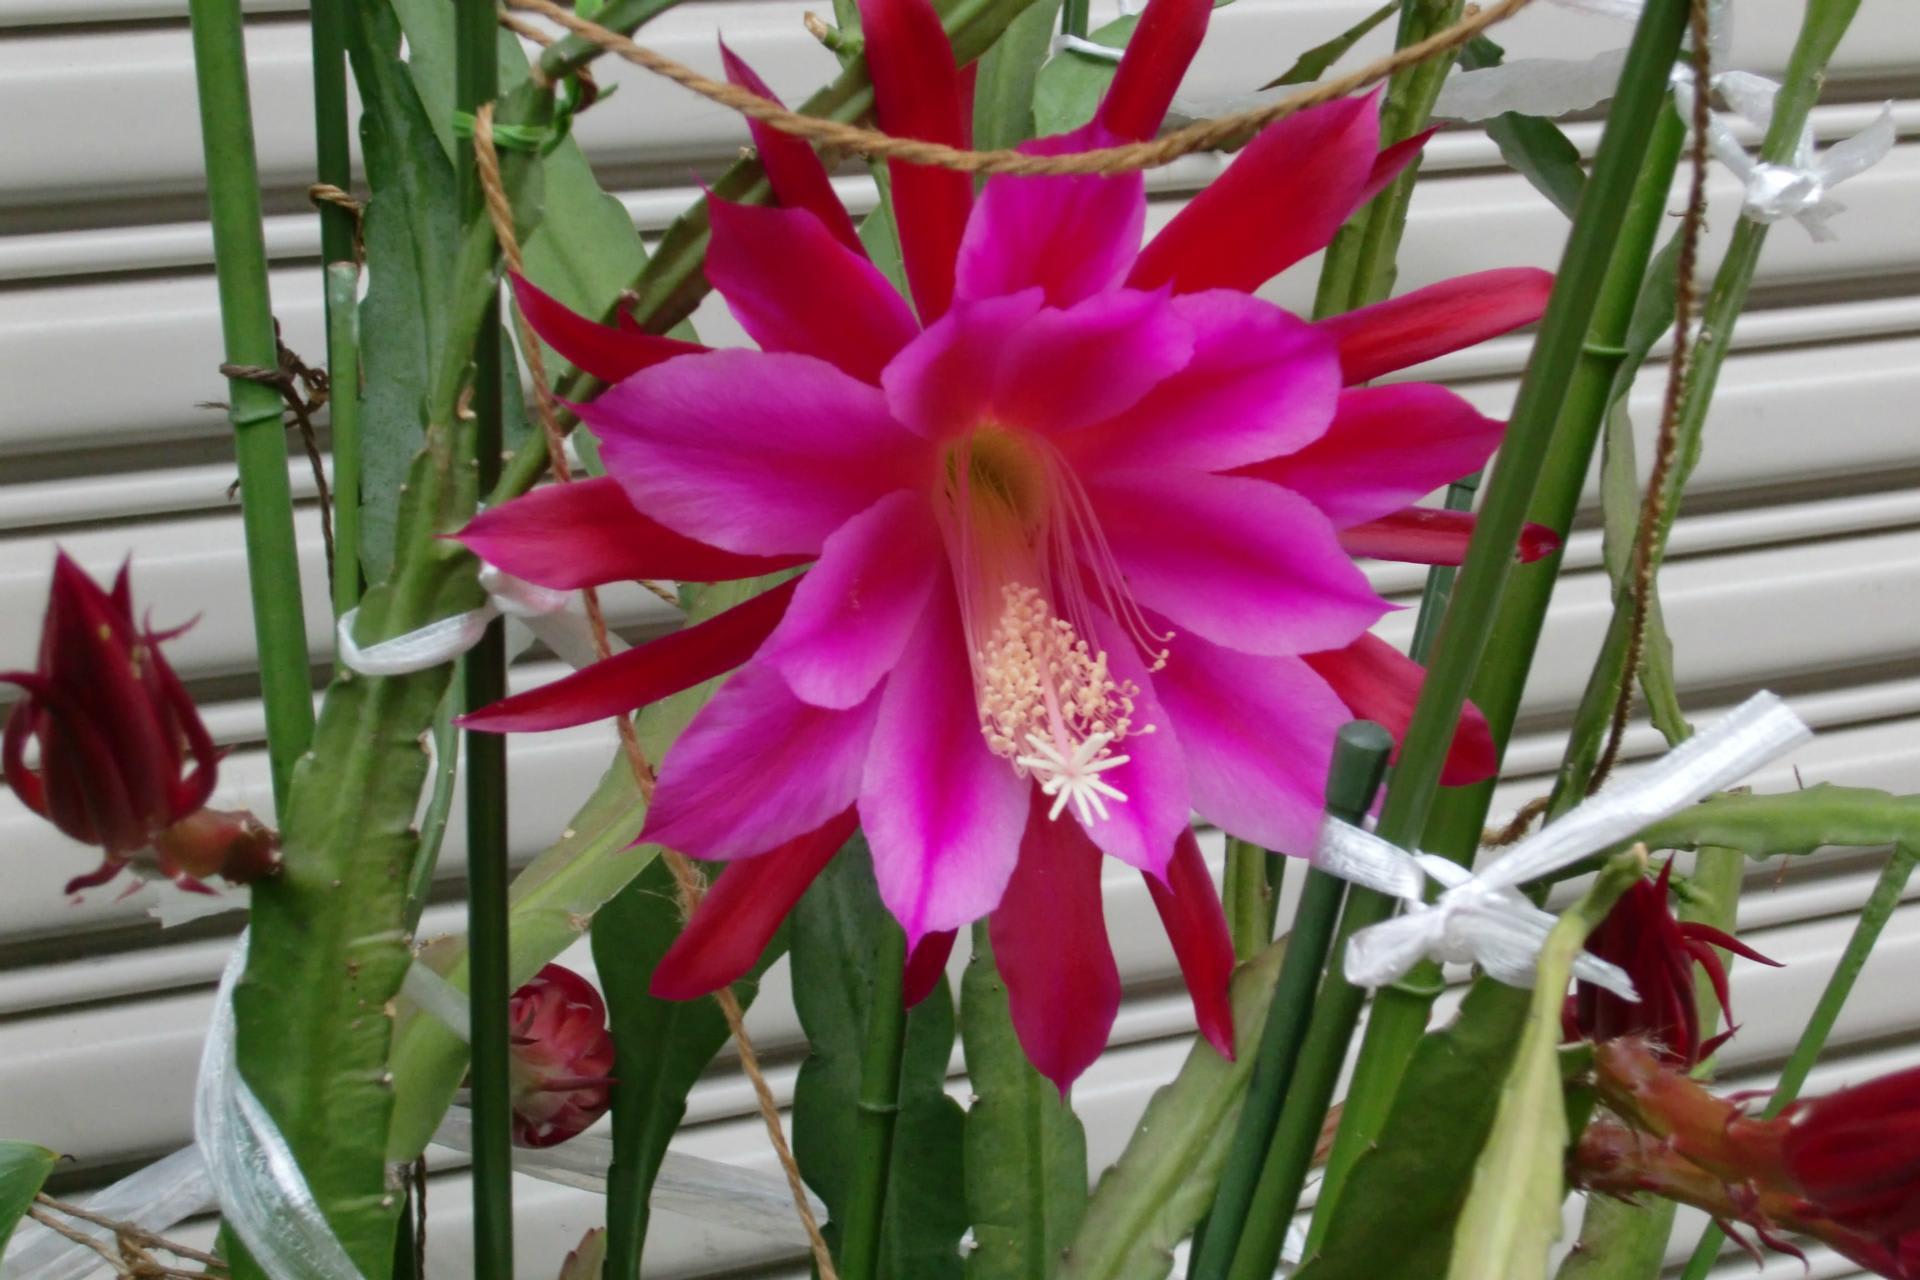 何とも言えぬ香しい芳香を放つ月下美人の花に比べ、クジャクサボテンは花からの芳香は全くと言って良いほどありませんが、3~4日間も花 が楽しむことができるようです。